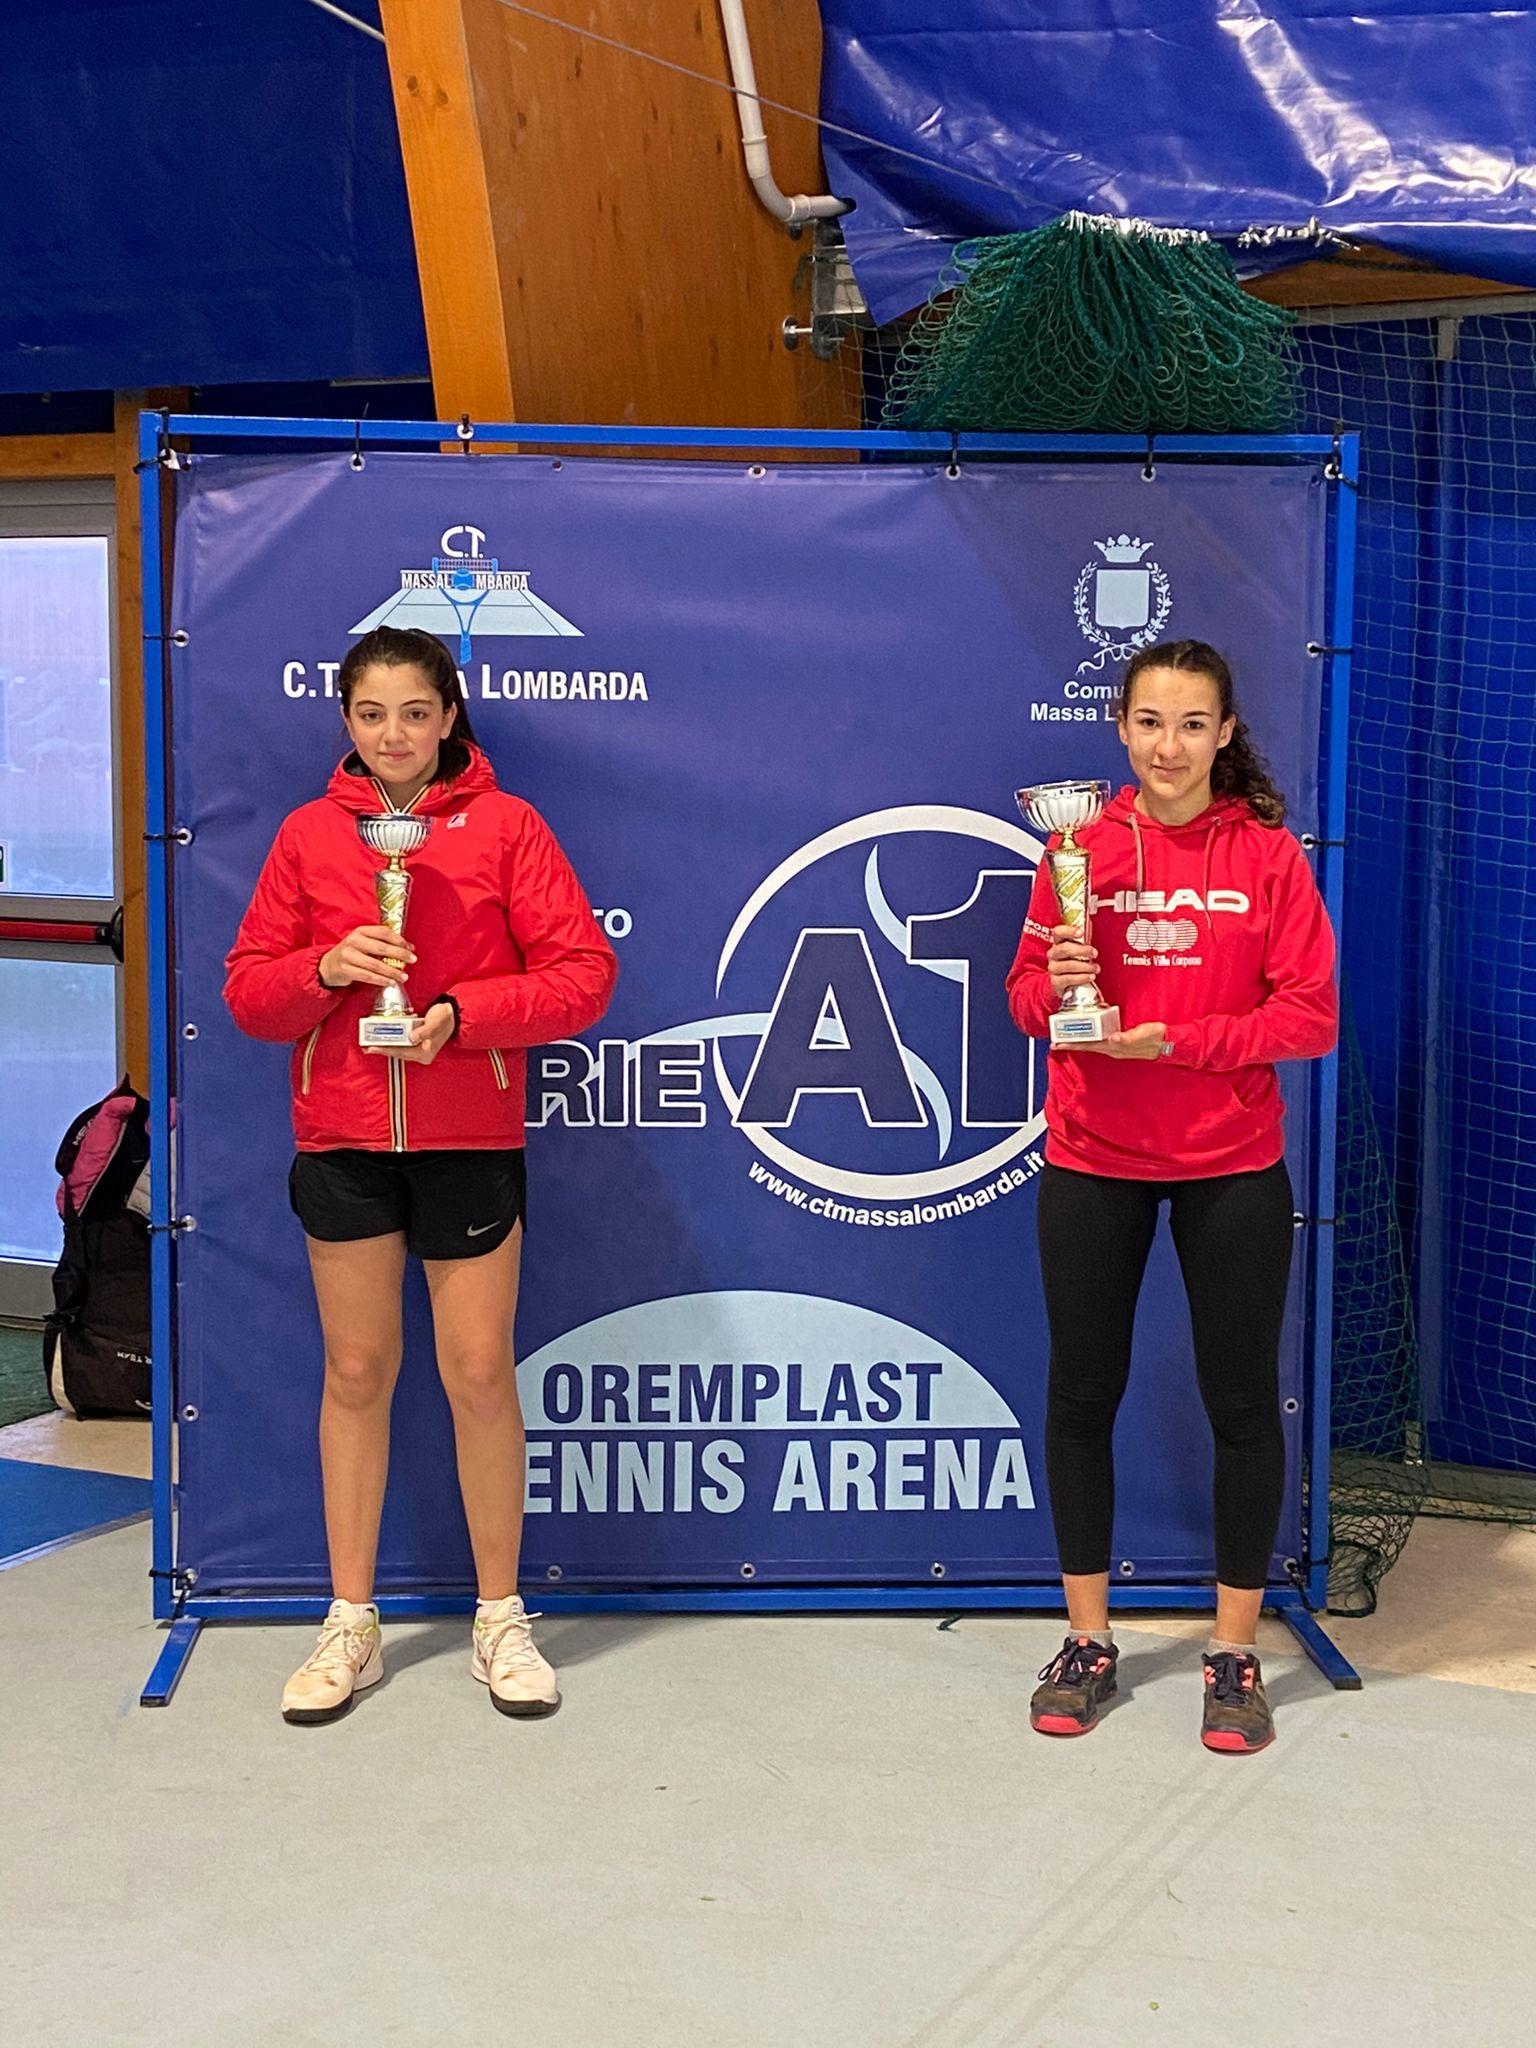 Le-finaliste-del-femminile-da-sinistra-Sveva-Azzurra-Pansica-ed-Anita-Picchi